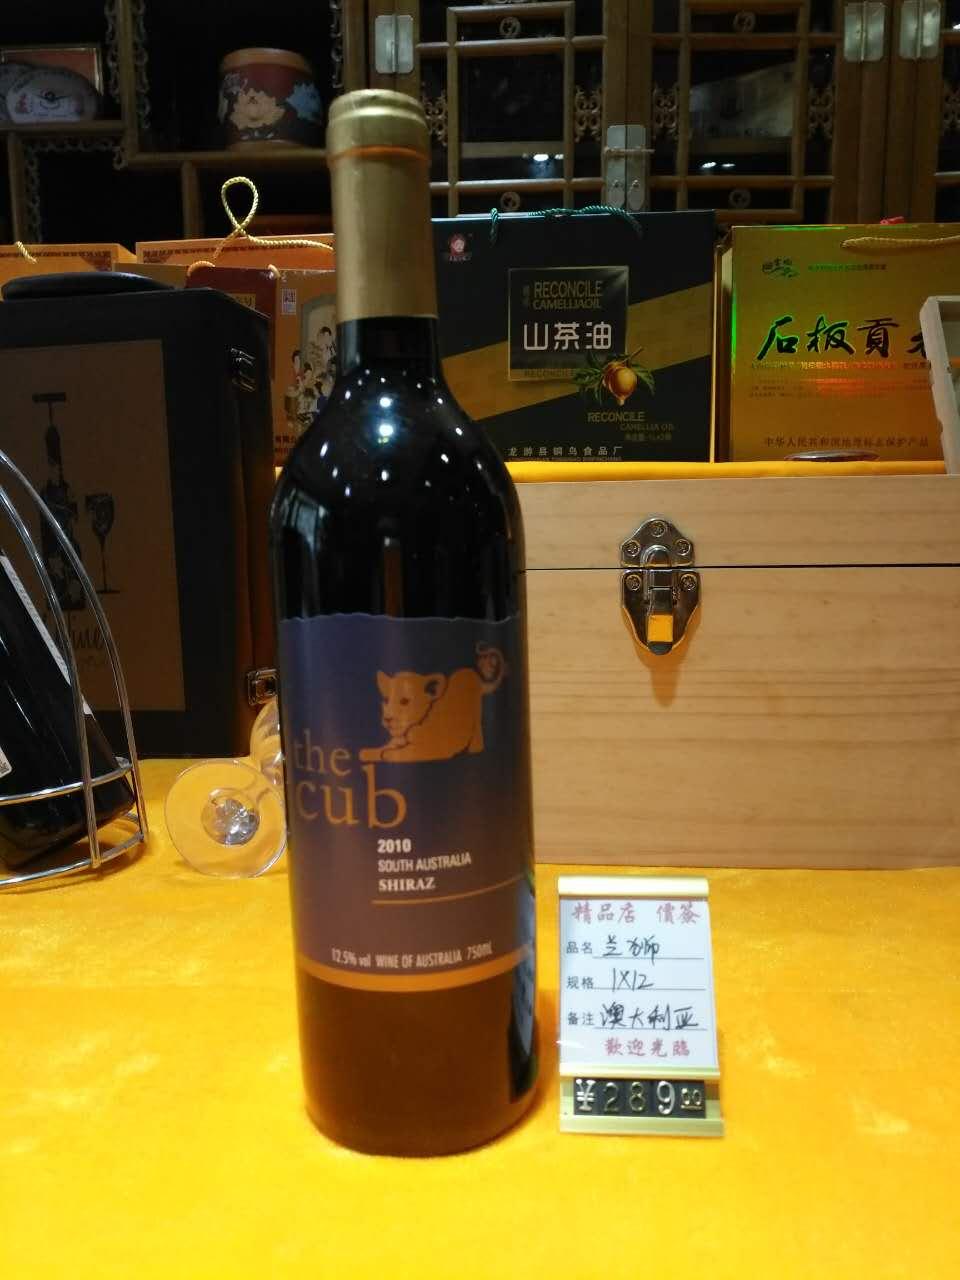 澳洲进口红酒、特色澳洲原装进口红酒